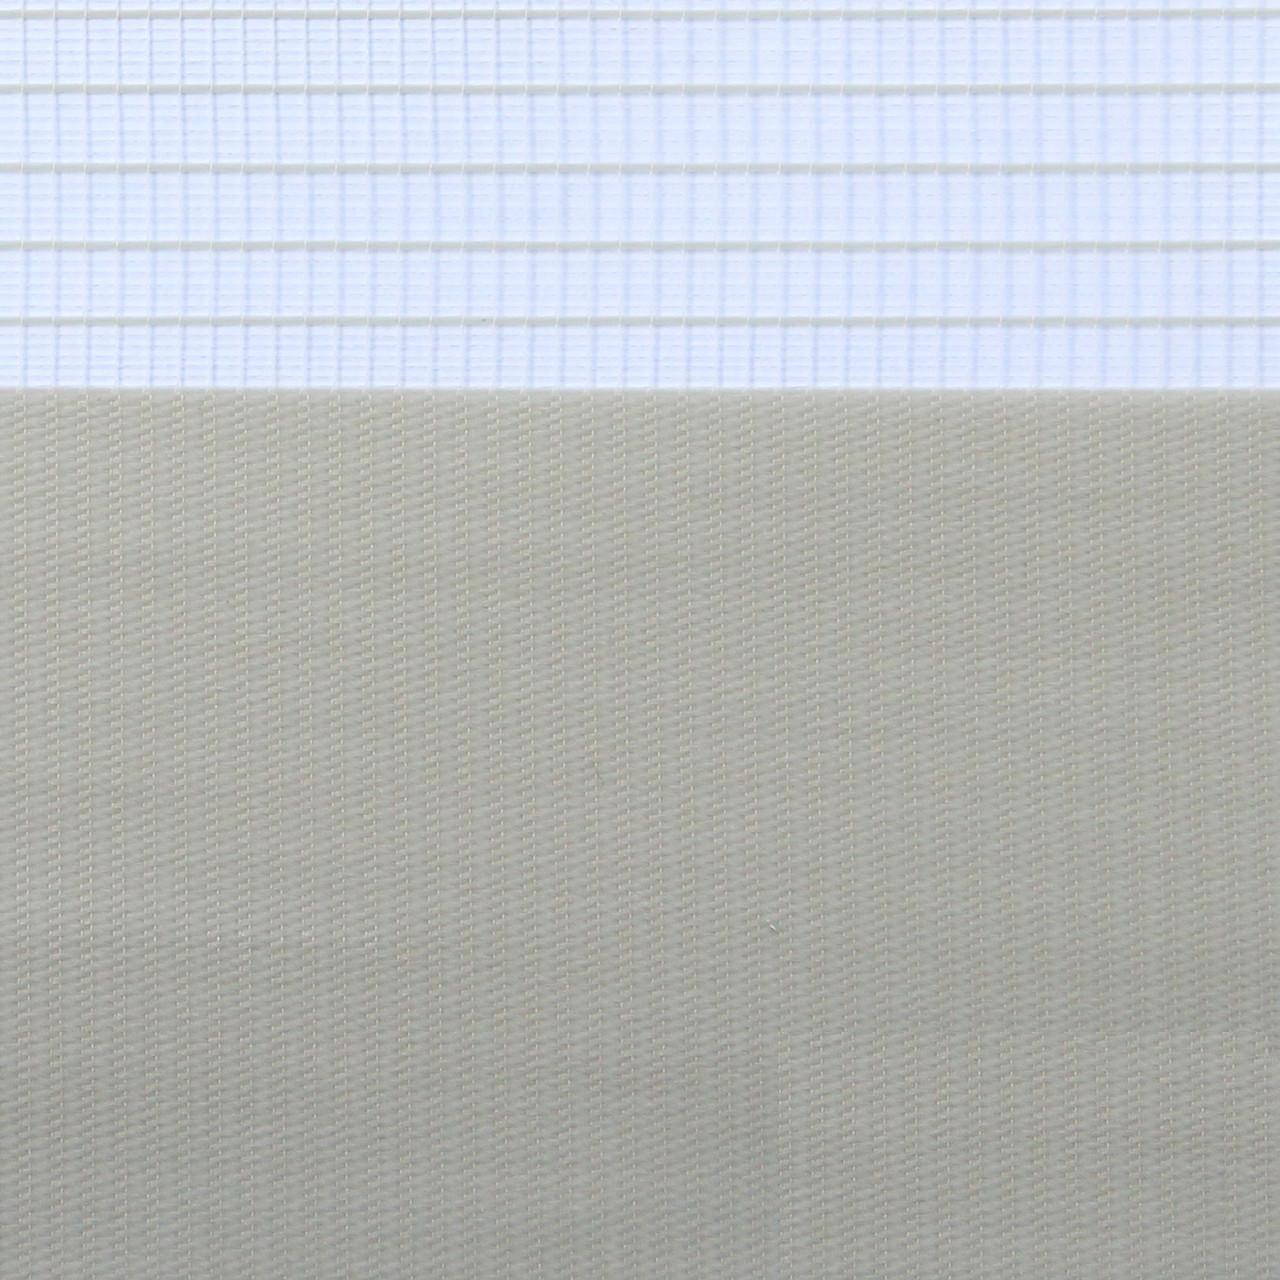 Готовые рулонные шторы Ткань ВН DN-212 Бежевый 300*1300